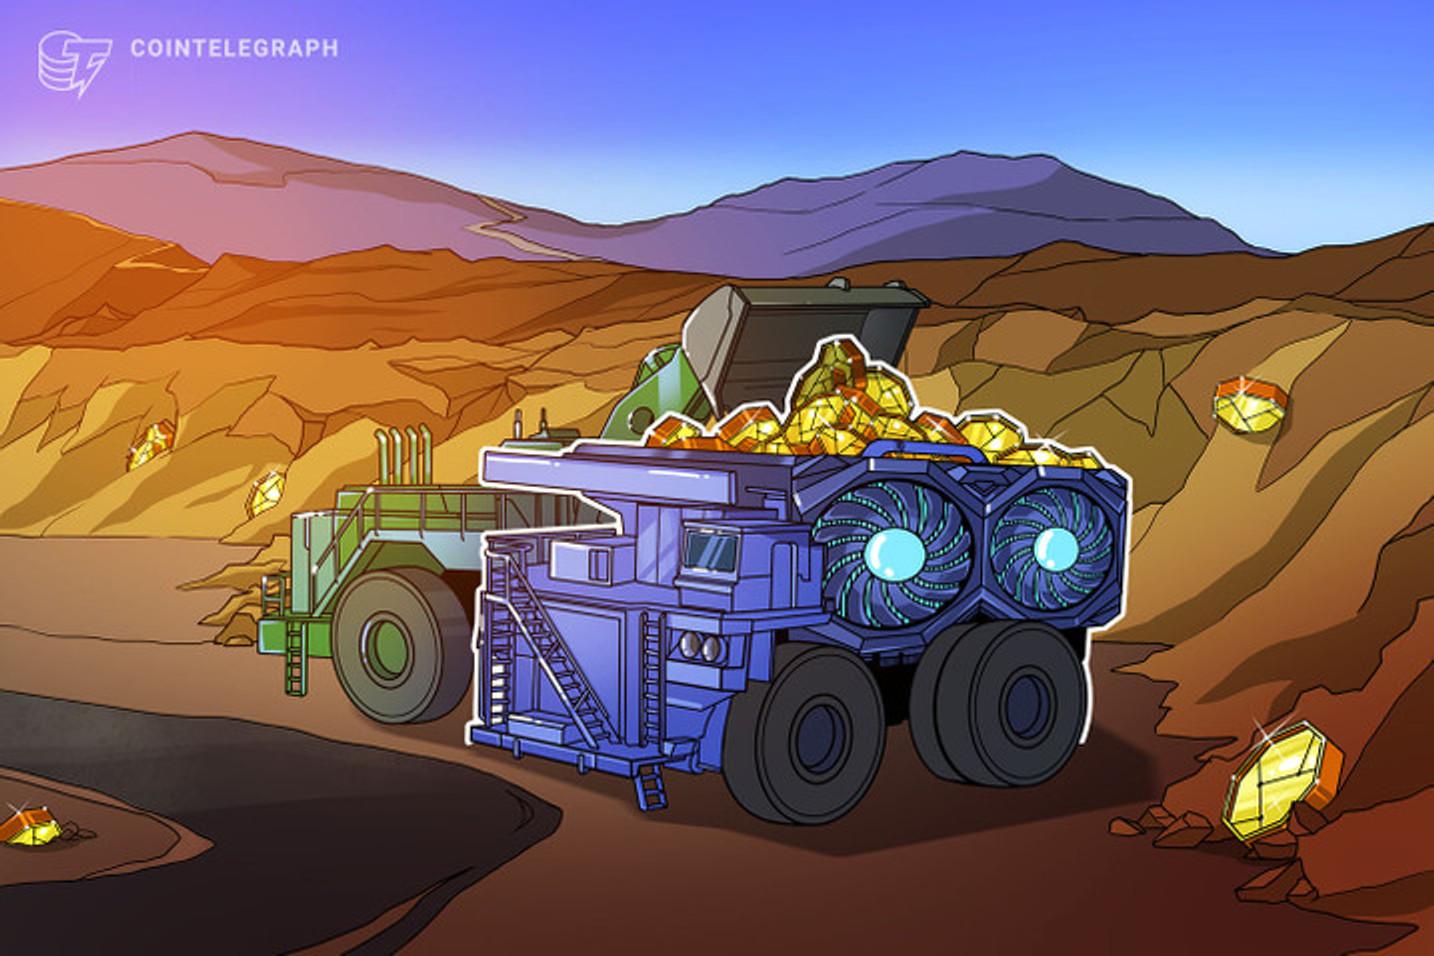 Casi 3 mil millones de dólares en ingresos obtuvieron los mineros de bitcoin en abril 2021